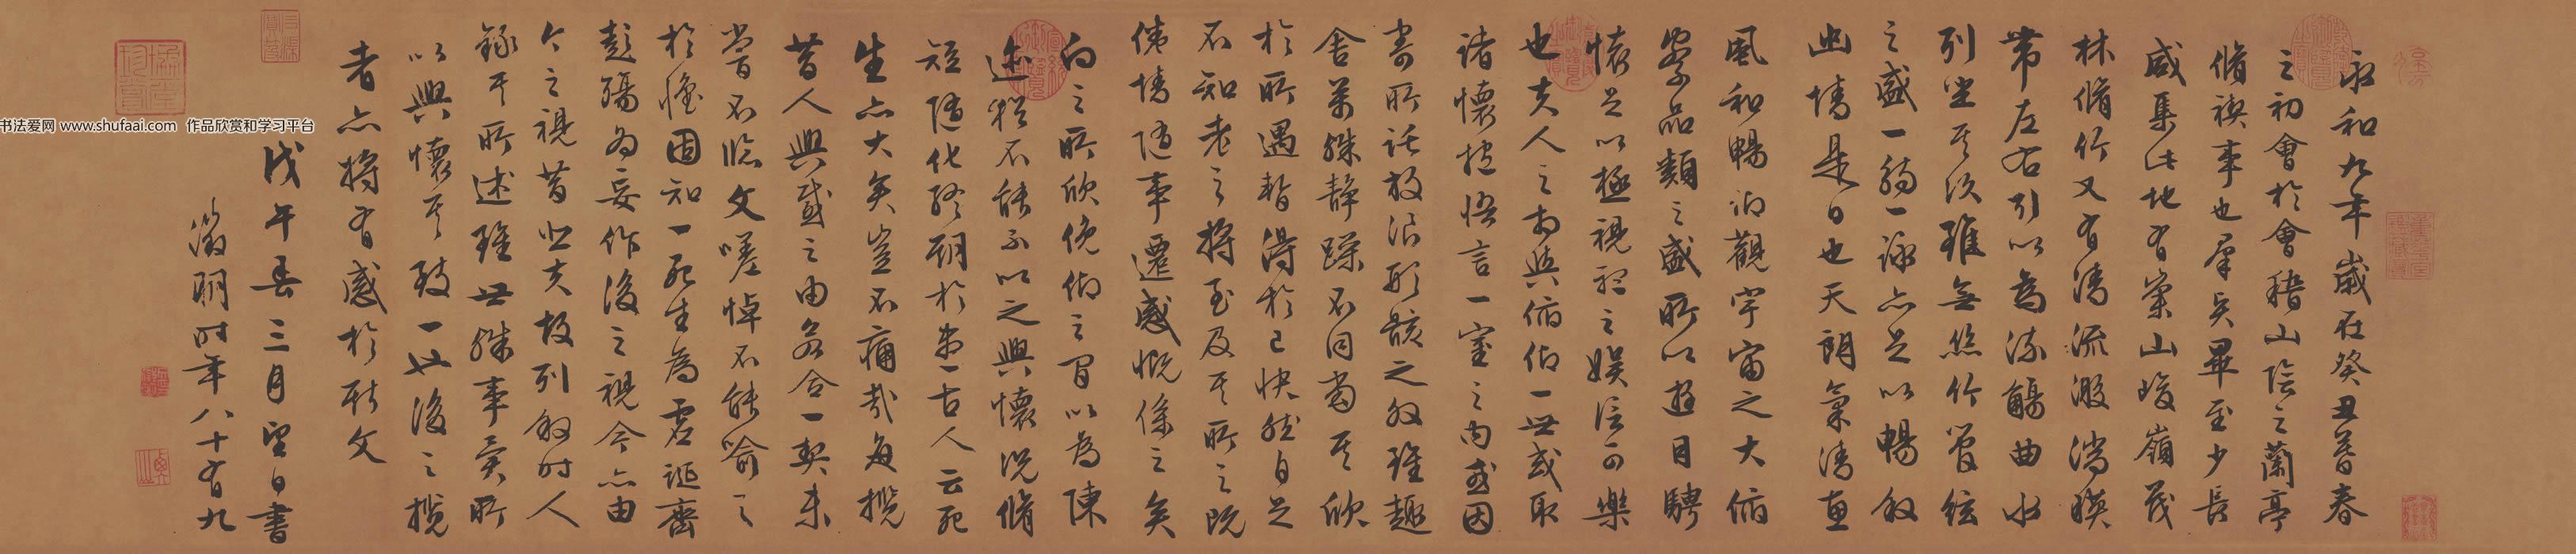 文徵明临摹的《兰亭序》笔法精湛